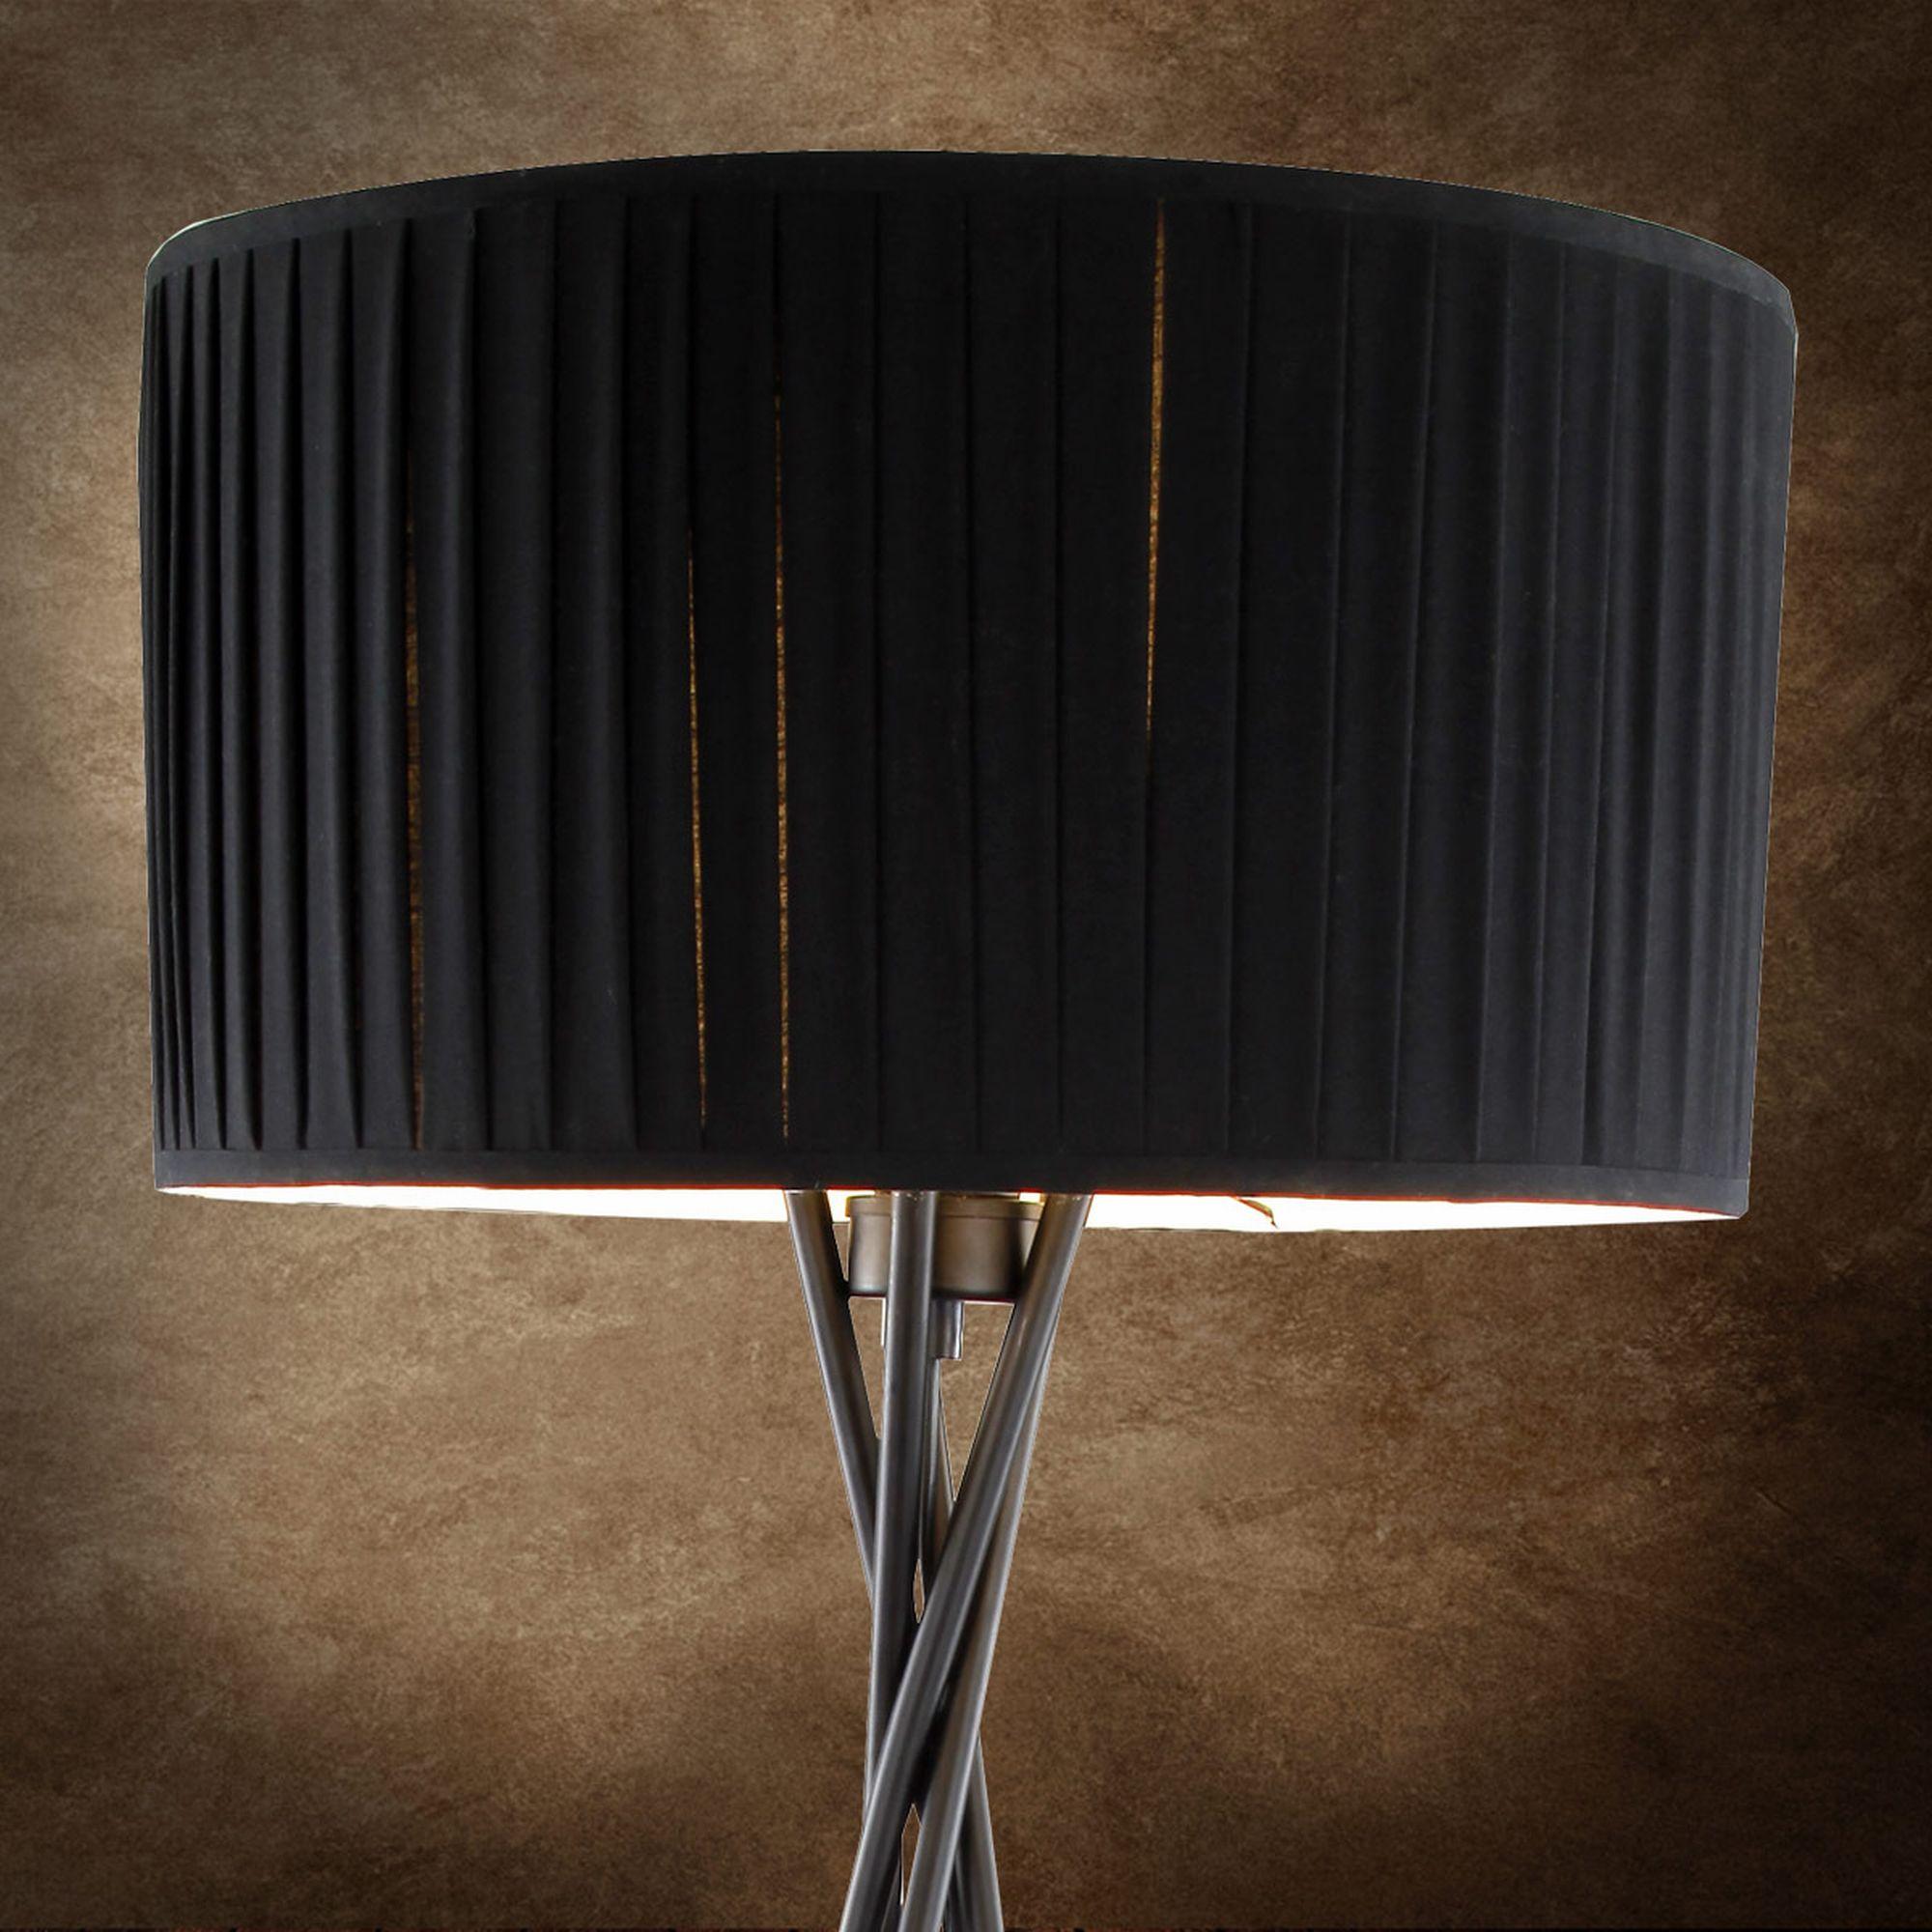 Moderne stehlampe led afdecker moderne stehlampe led luxo moderne stehleuchte stehlampe lampe wohnzimmer leuchte parisarafo Images